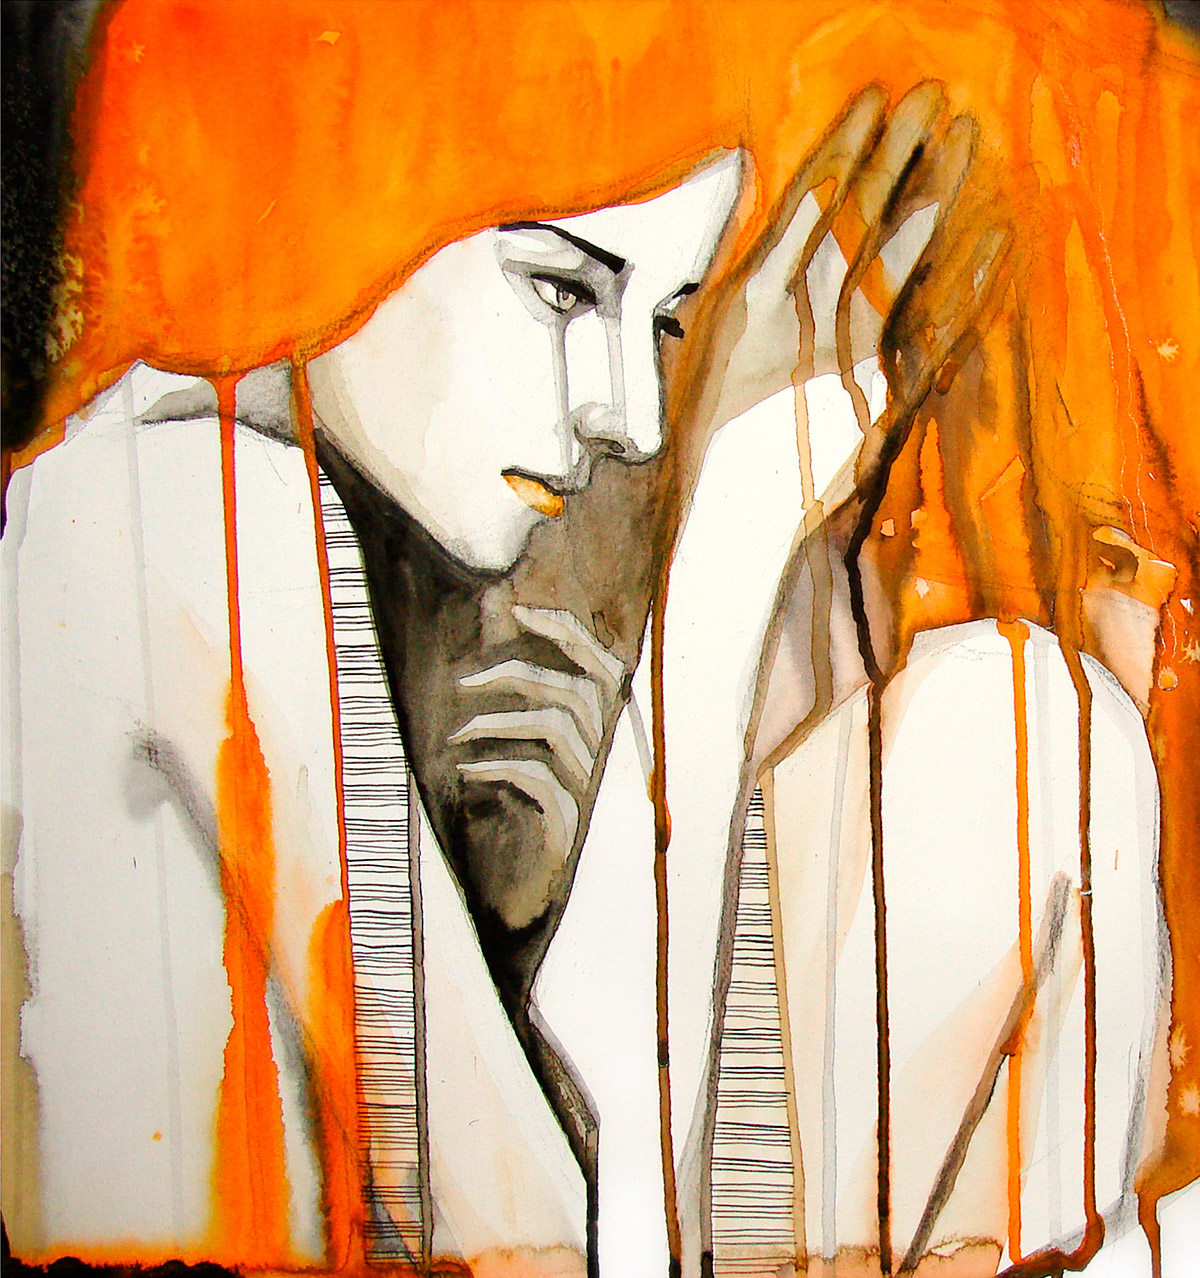 Galeria Pinturas De Arte: Centro Cultural Sanchinarro